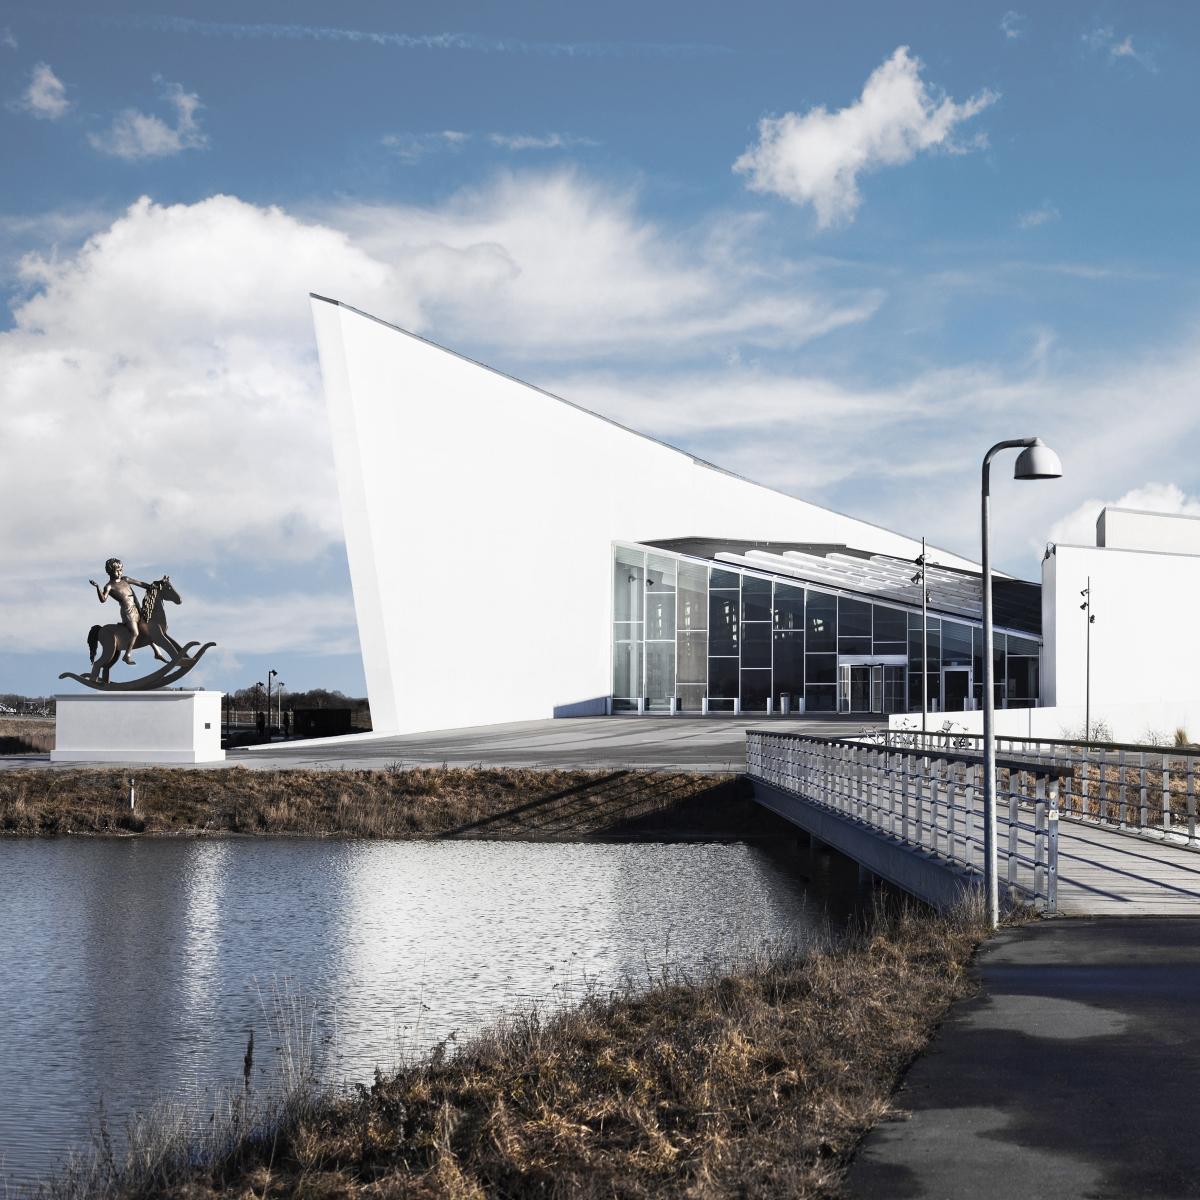 Arken_Museum für moderne Kunst_Kopenhagen_Foto von Emma Thunbo